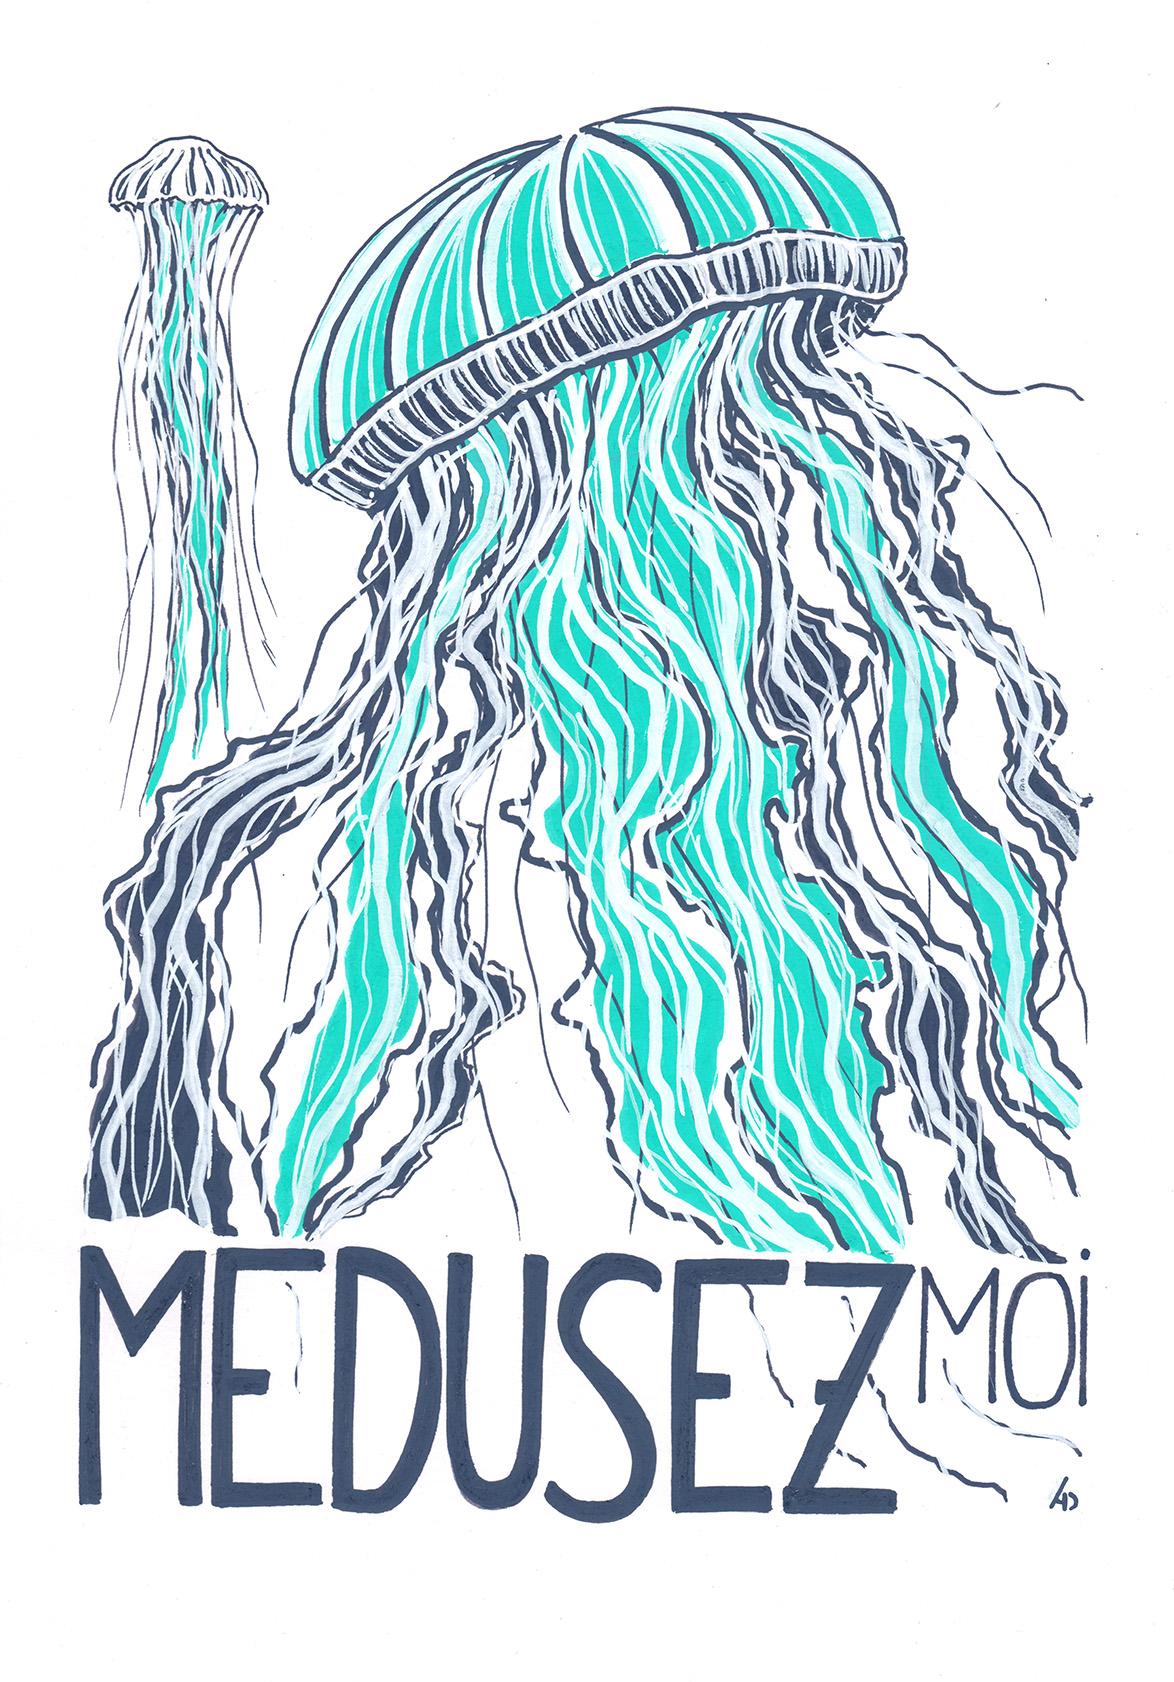 MEDUSEZ-MOI